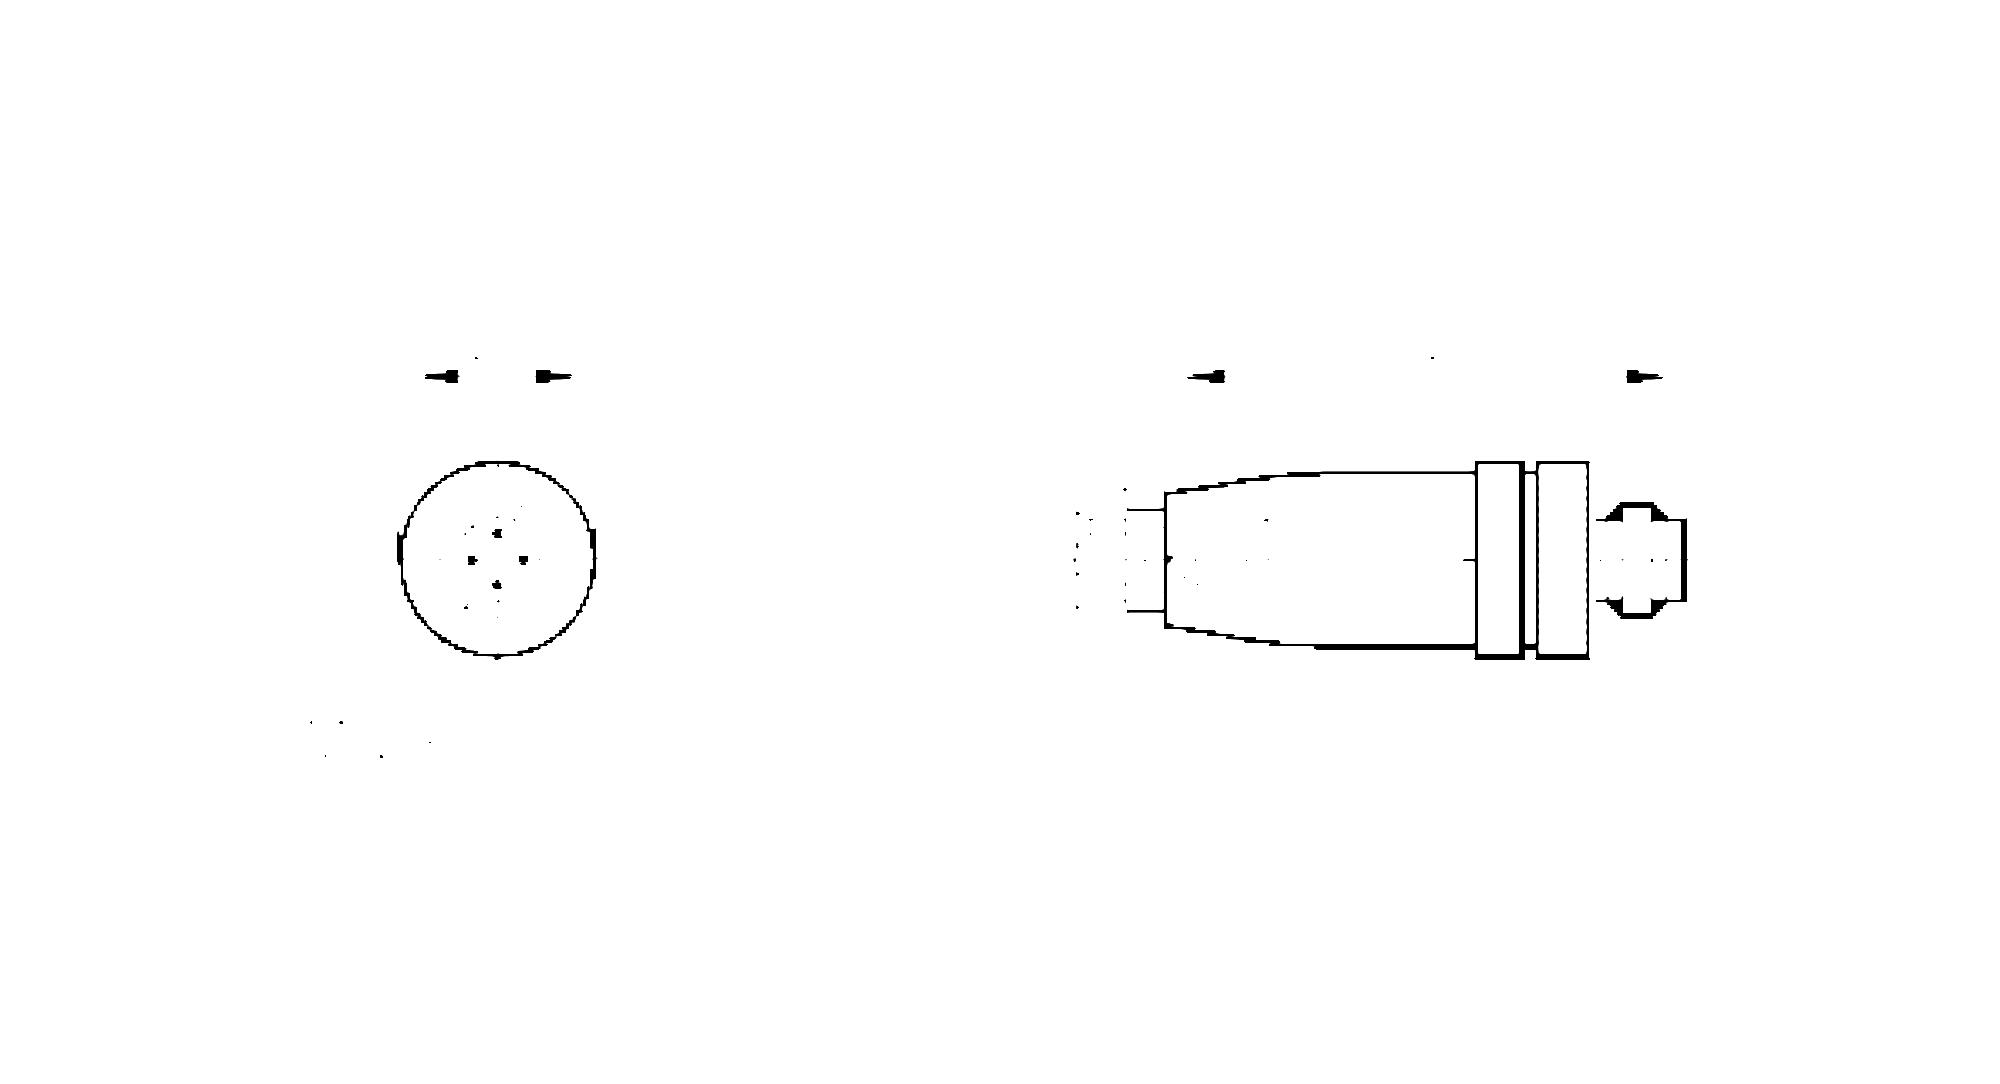 e11504 - wirable plug